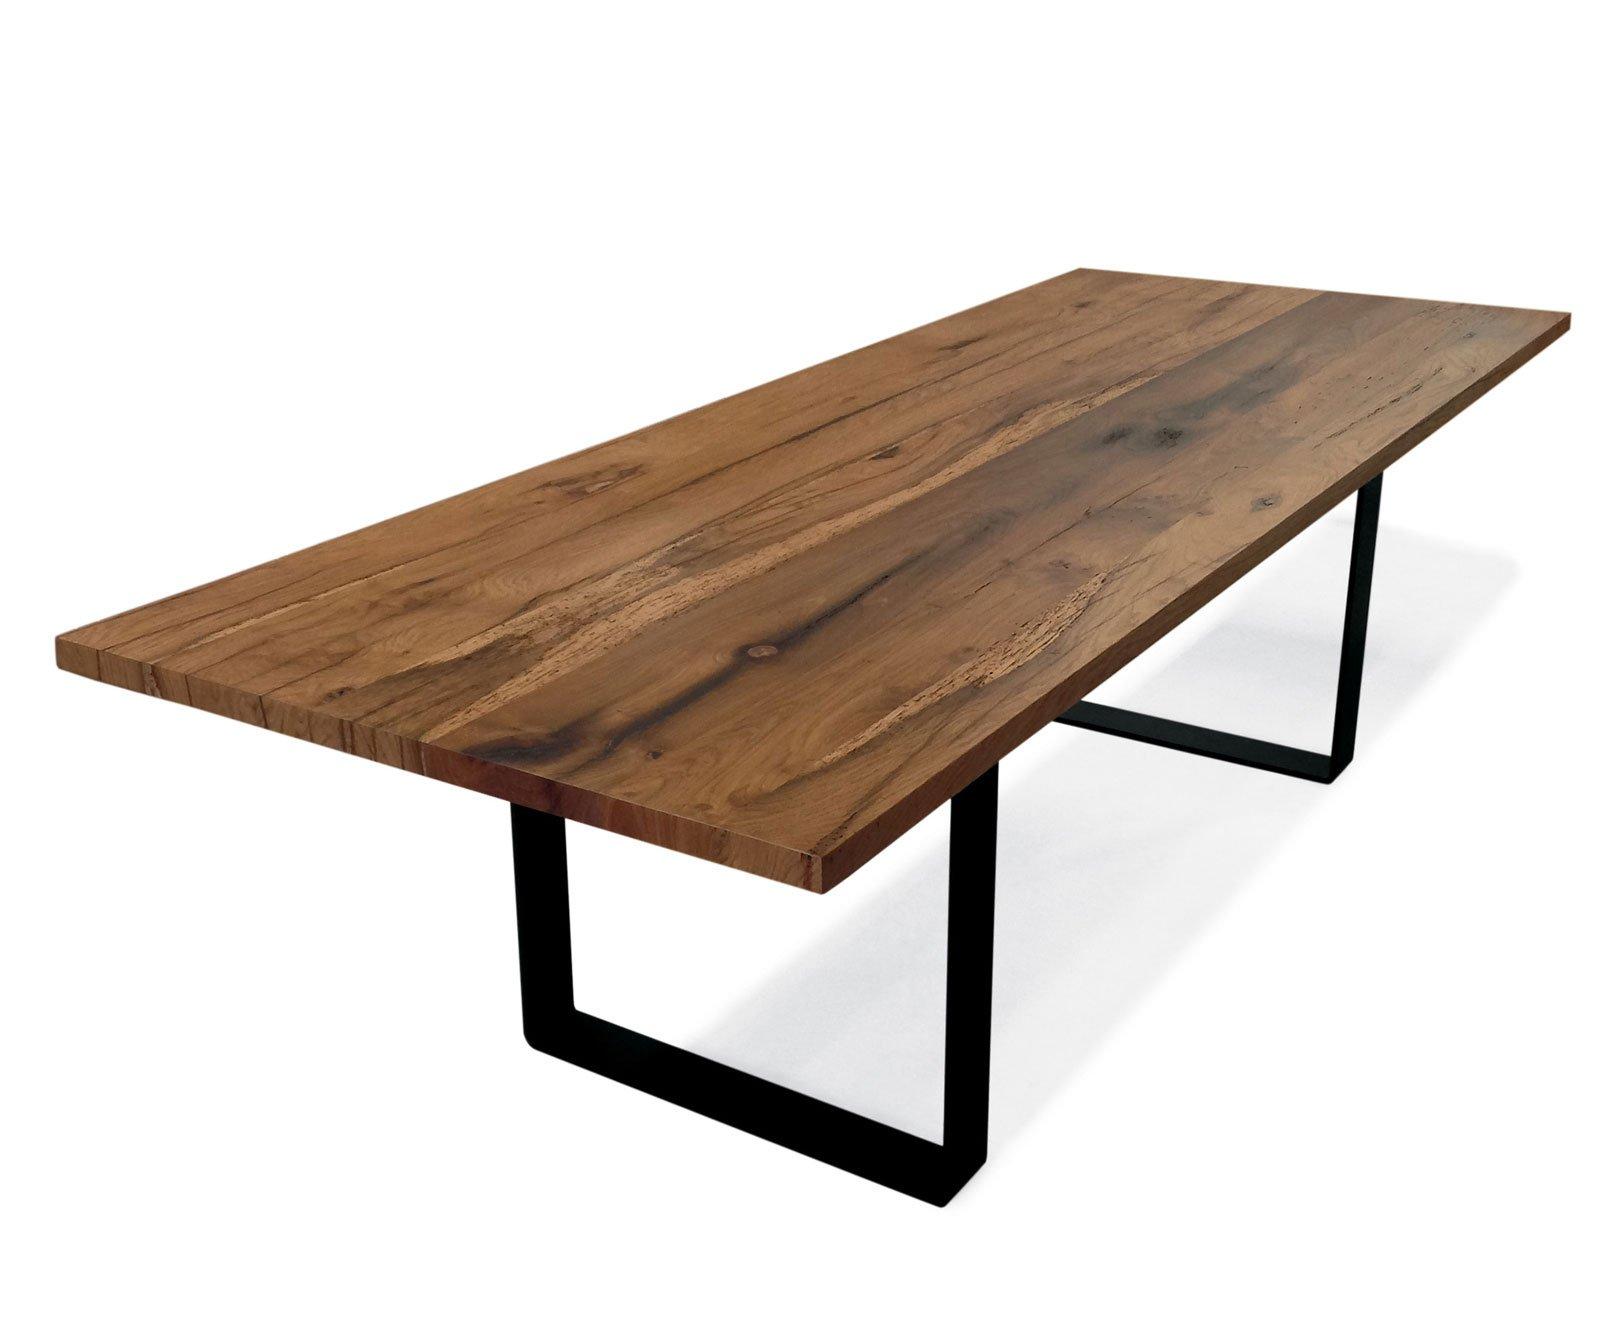 Tavoli al salone del mobile 2015 prevale l 39 essenzialit for Piccoli piani di casa in metallo